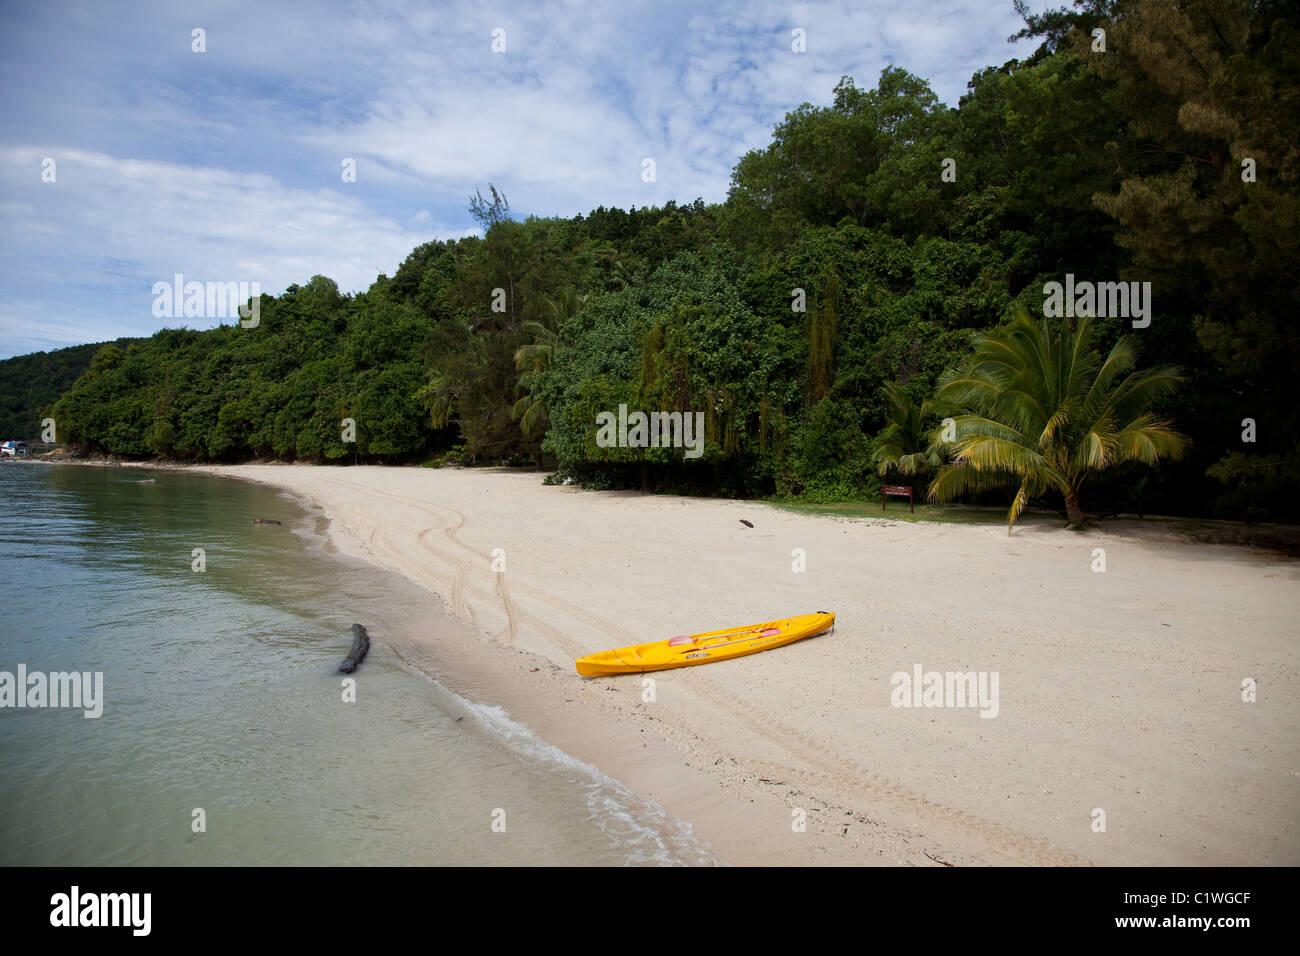 Beach on Sapi Island, Sabah, Kota Kinabalu, Malaysia - Stock Image